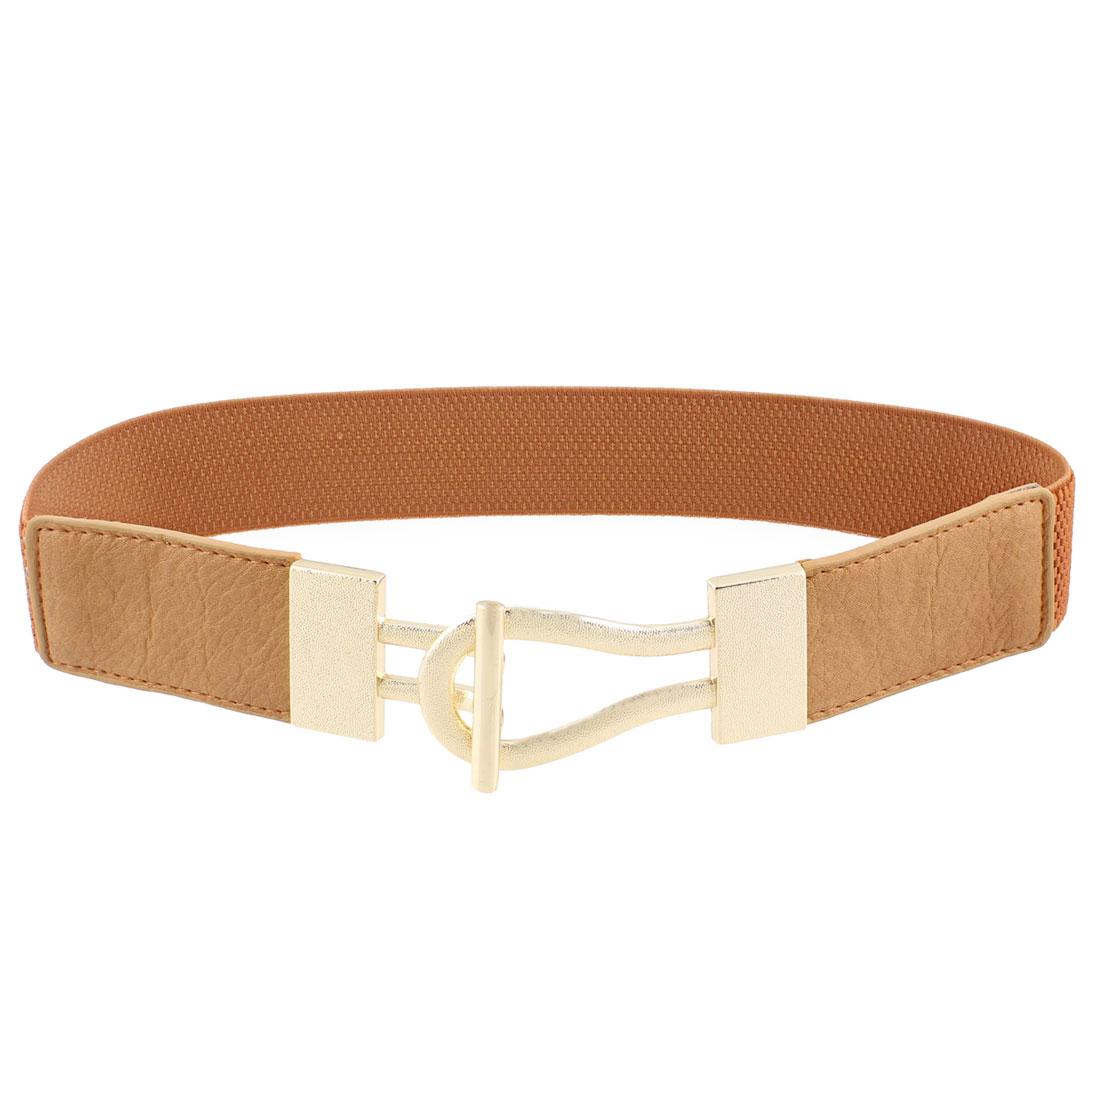 Woman Litchi Print Interlocking Buckle Waist Belt Waistband Blouse Corset Band Brown